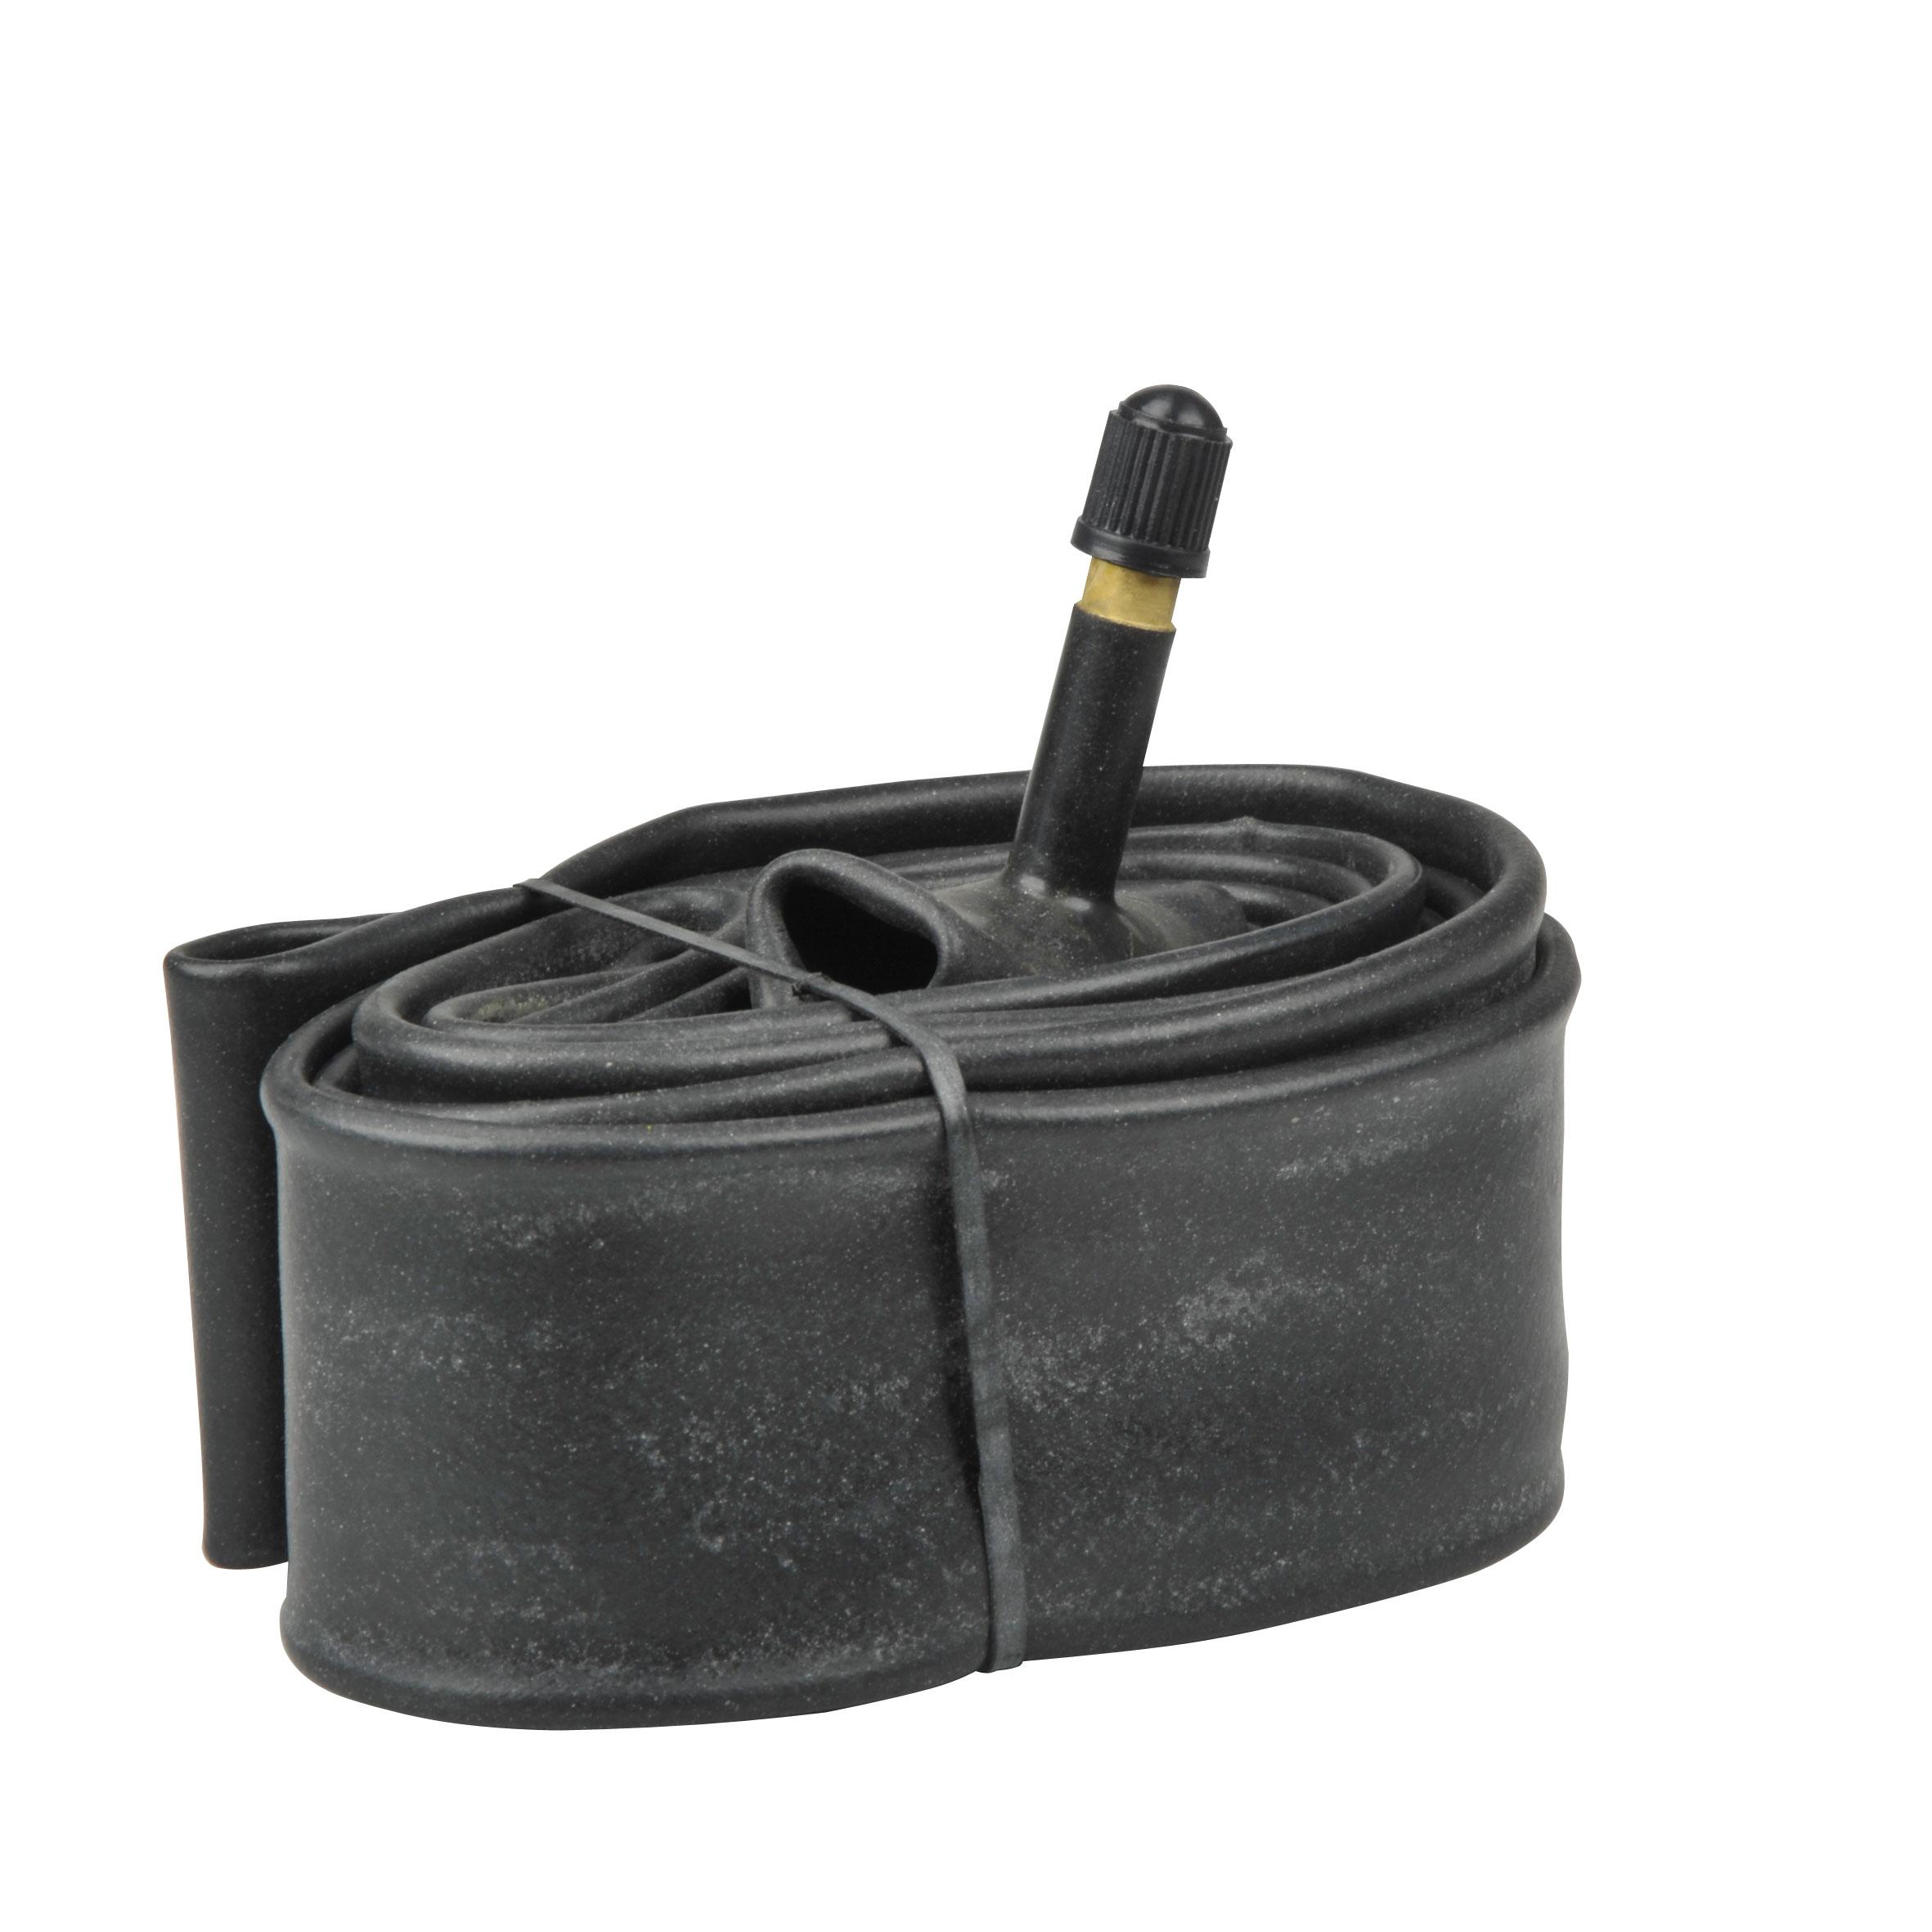 fischer fahrrad schlauch geschrumpft auto ventil 26x1 5. Black Bedroom Furniture Sets. Home Design Ideas